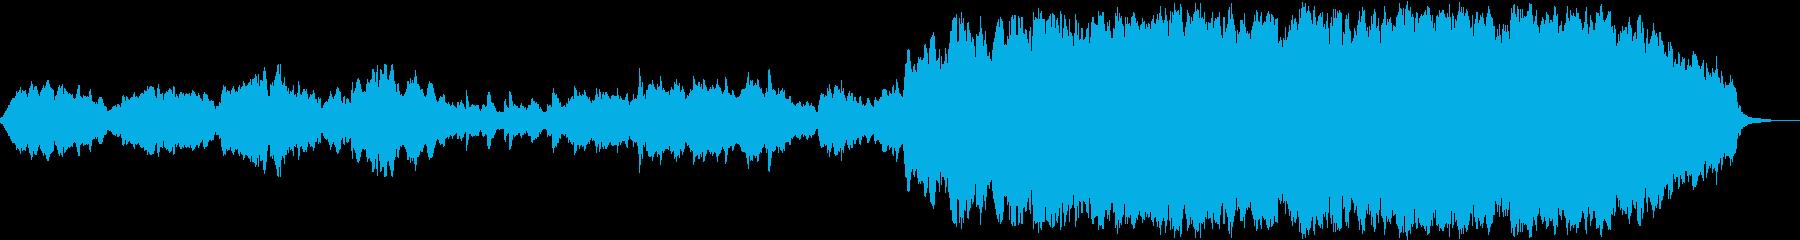 オーケストラによるバラード小品の再生済みの波形